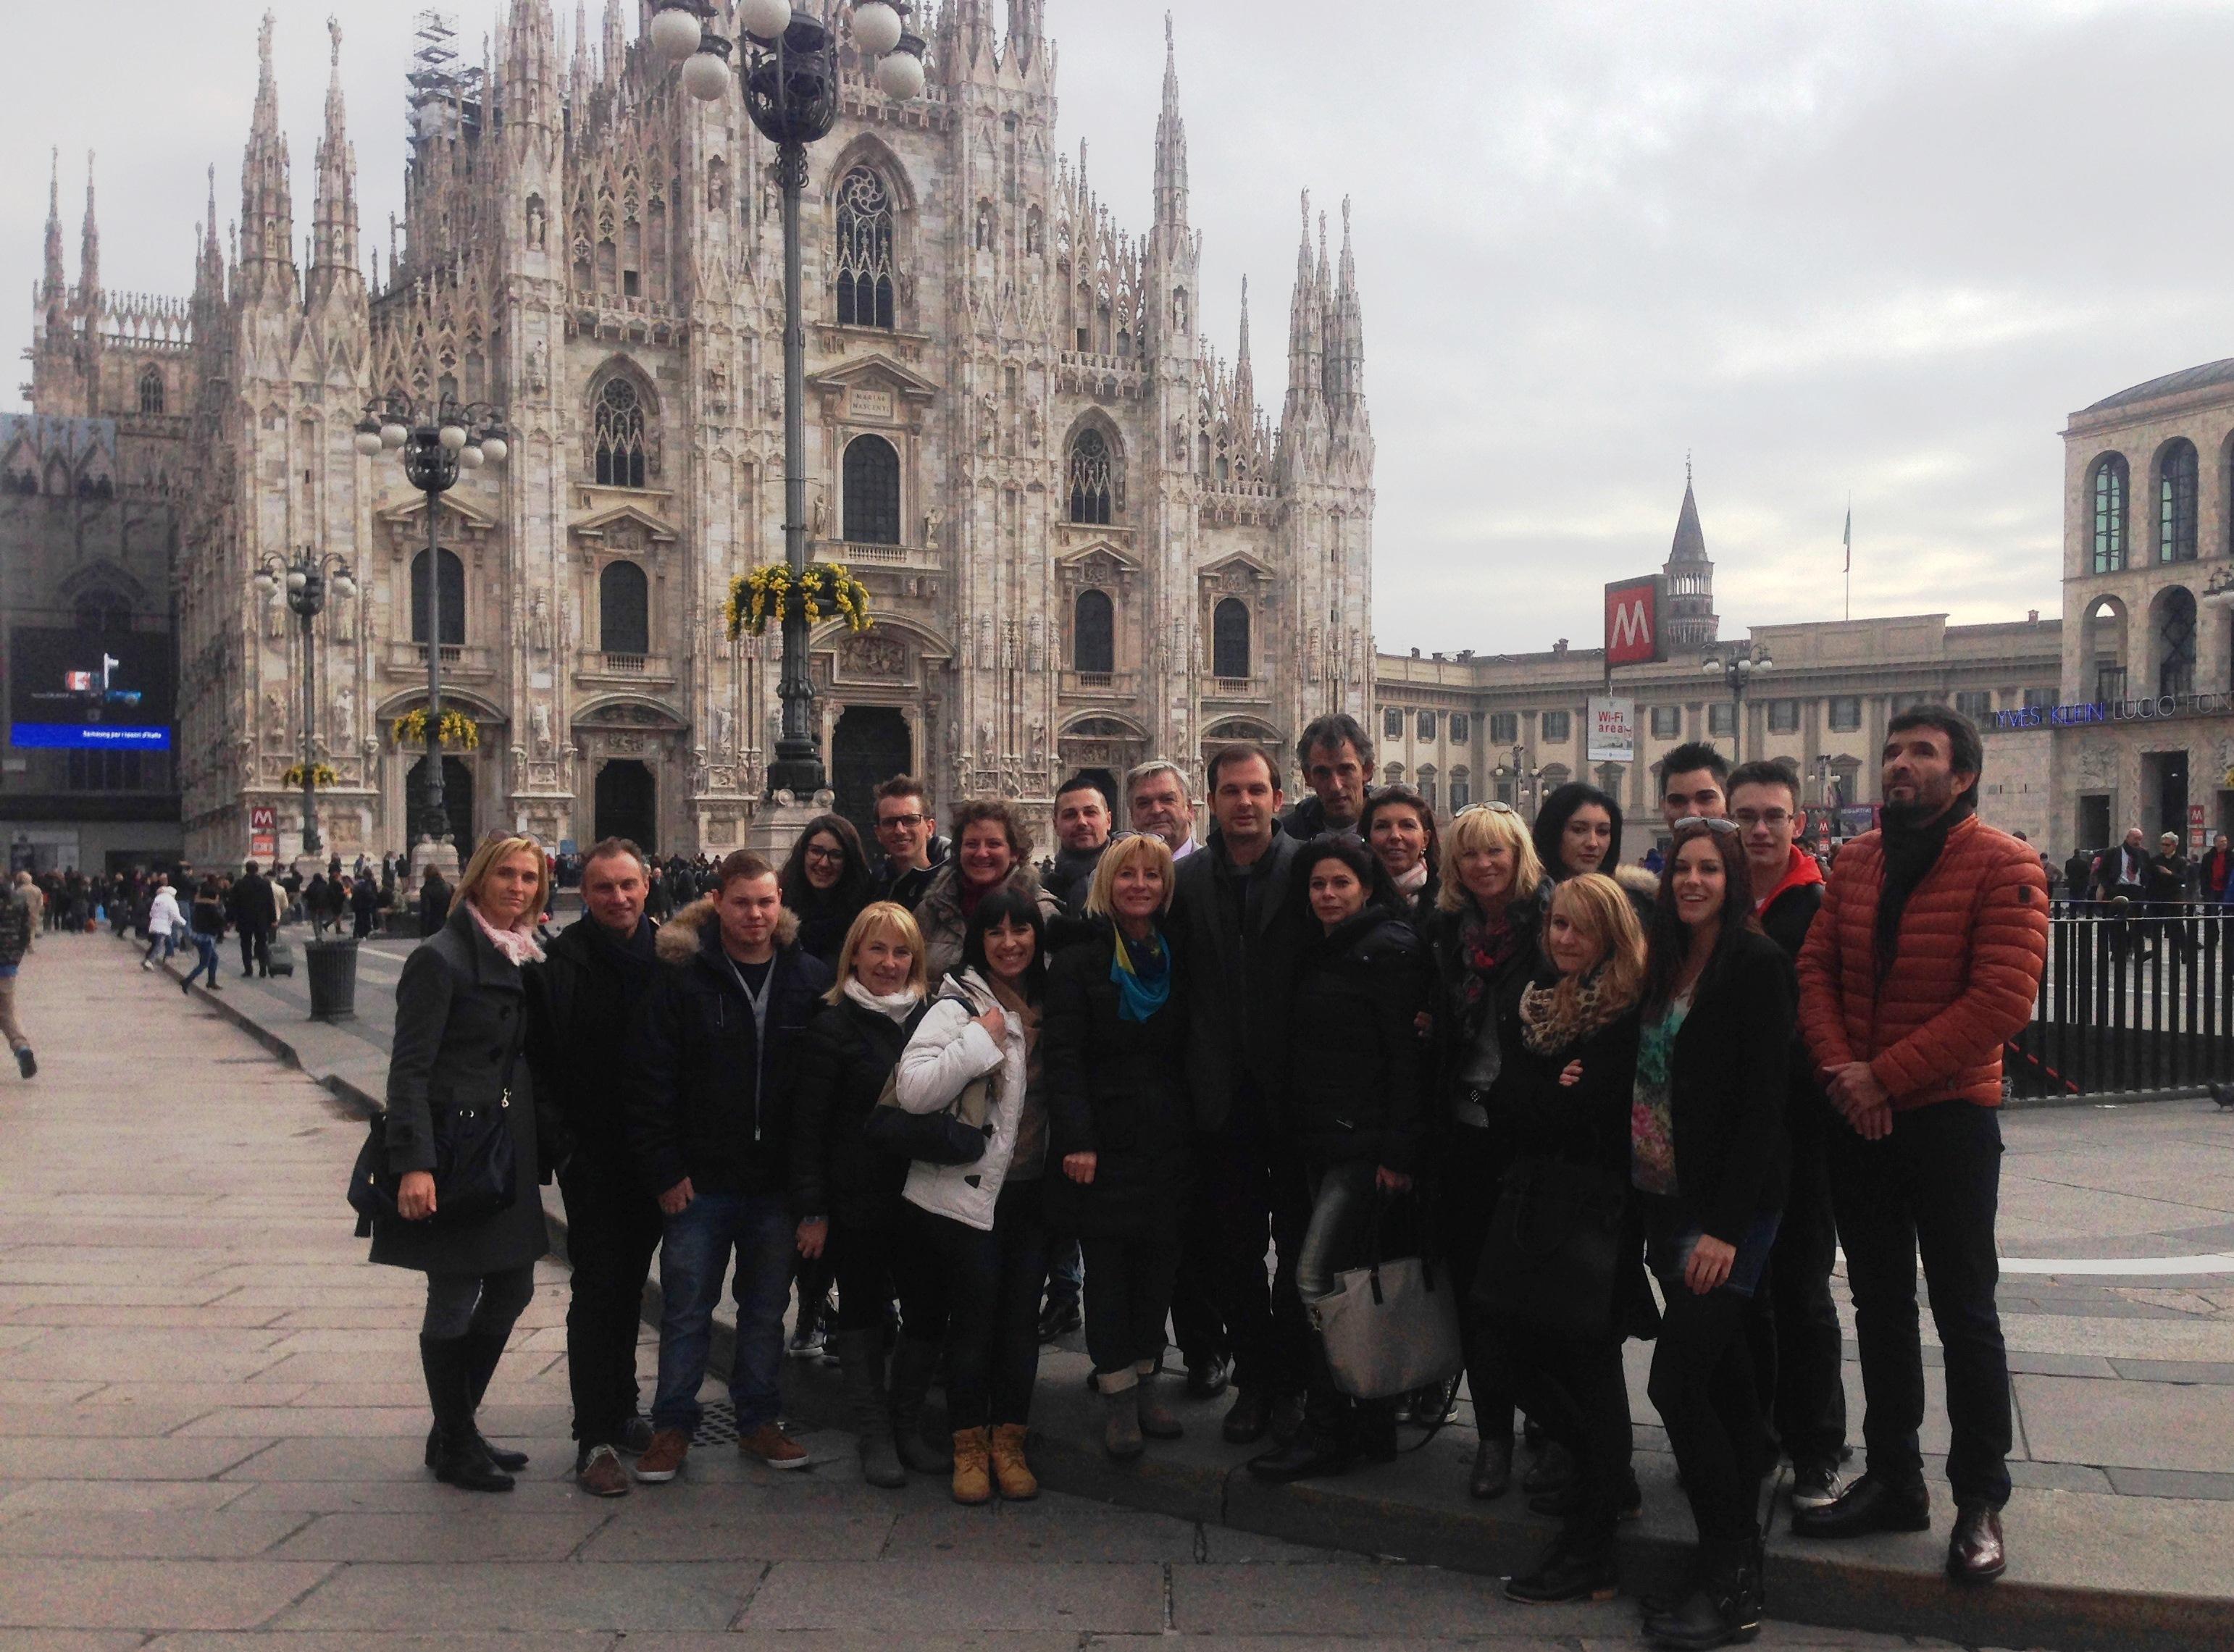 Mailänder Dom - drittgrößte Kirche der Welt,  neben Petersdom im Vatikan und der Kathedrale von Sevilla